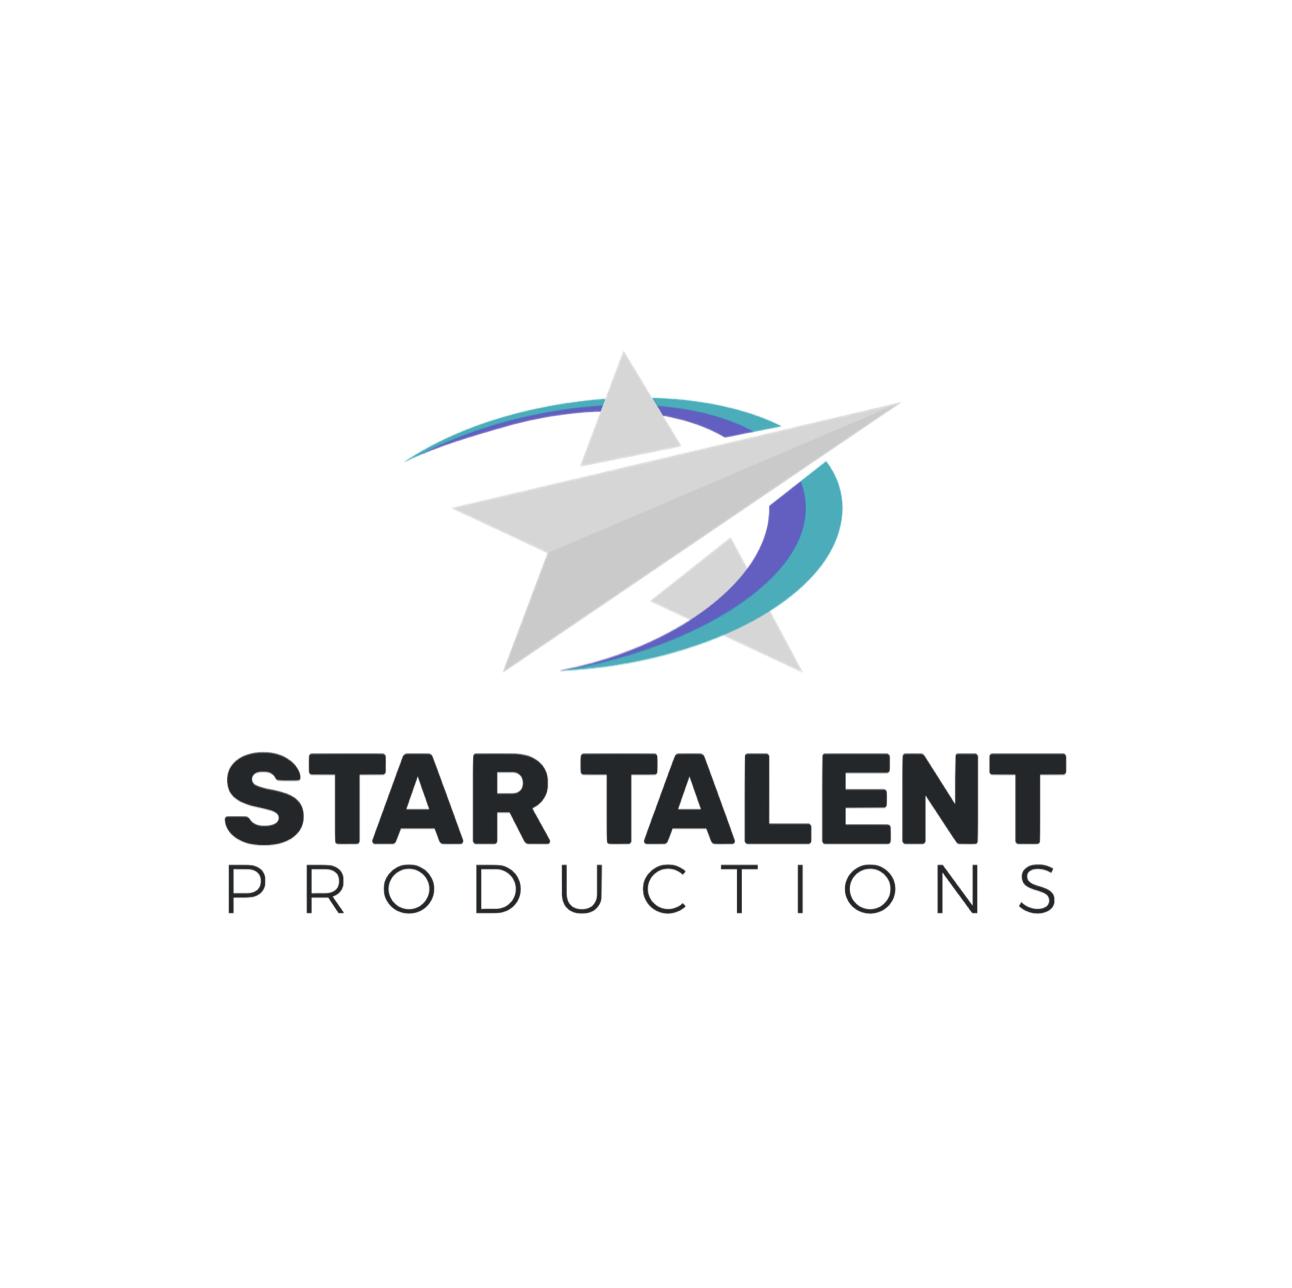 Star Talent